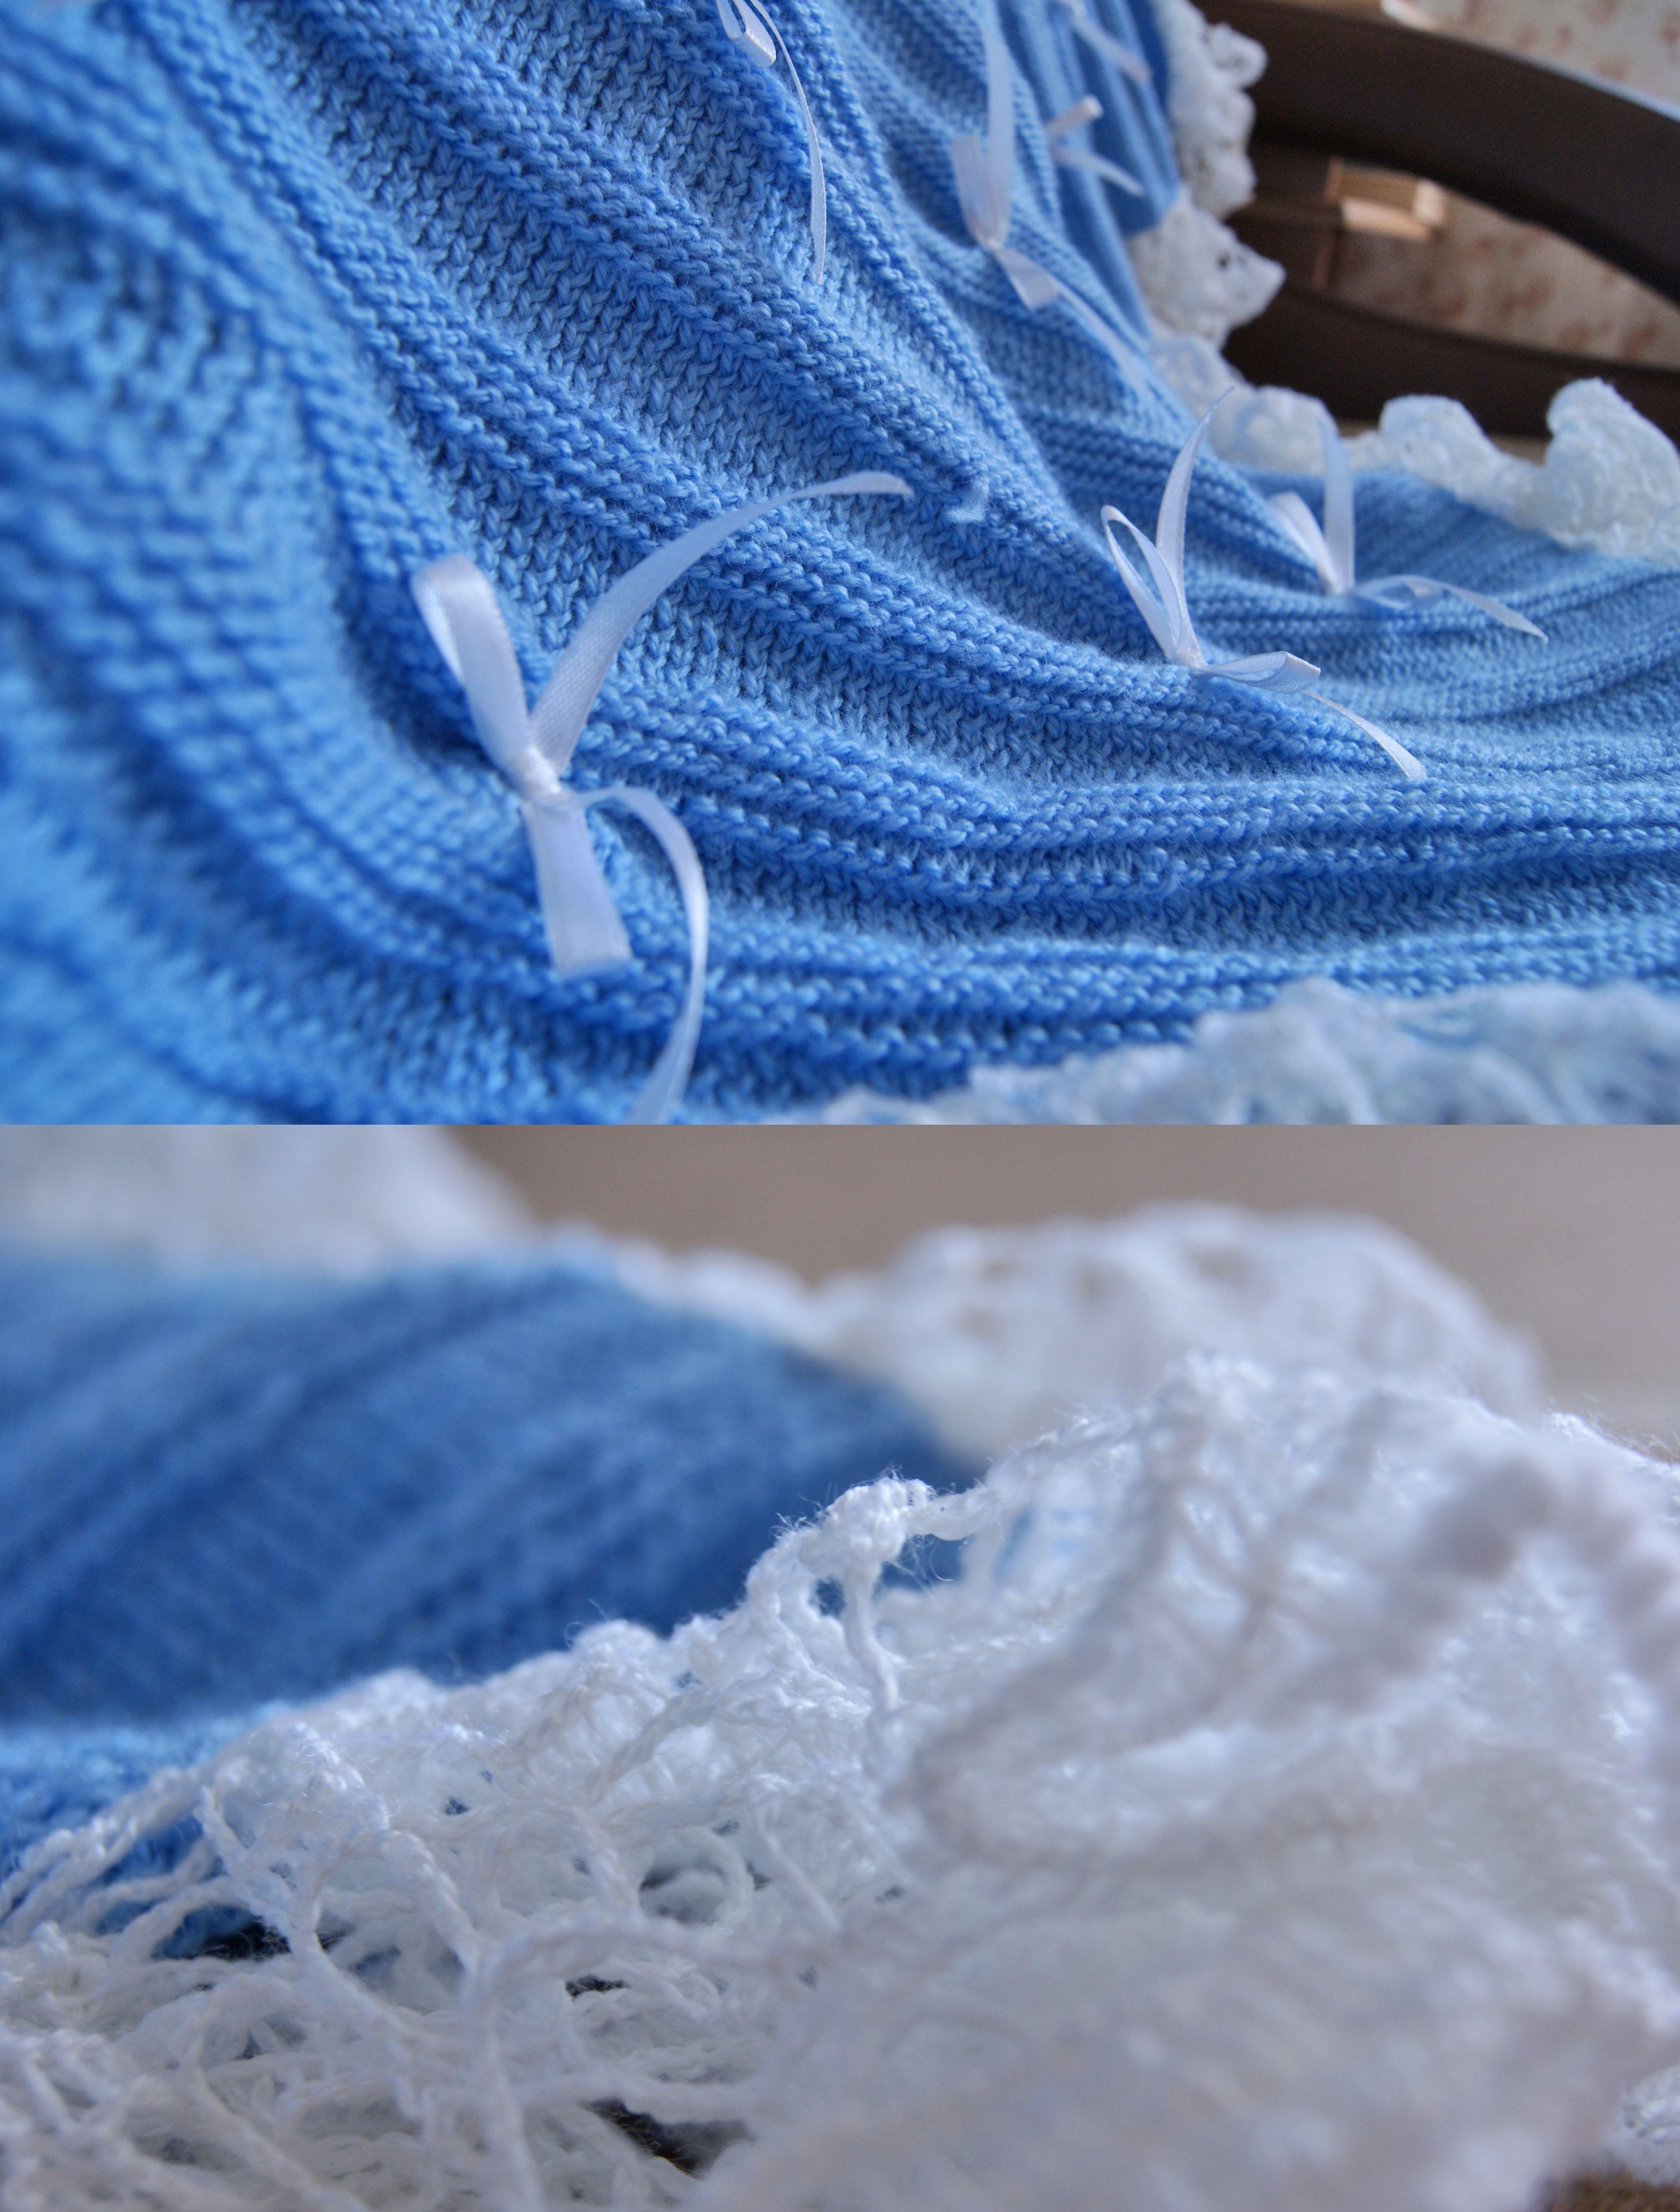 вяжутнетолькобабушки длядетскойкомнаты вязаниеназаказ рюши бантики вяжуназаказ вязание детям длядетей плед тепло уют